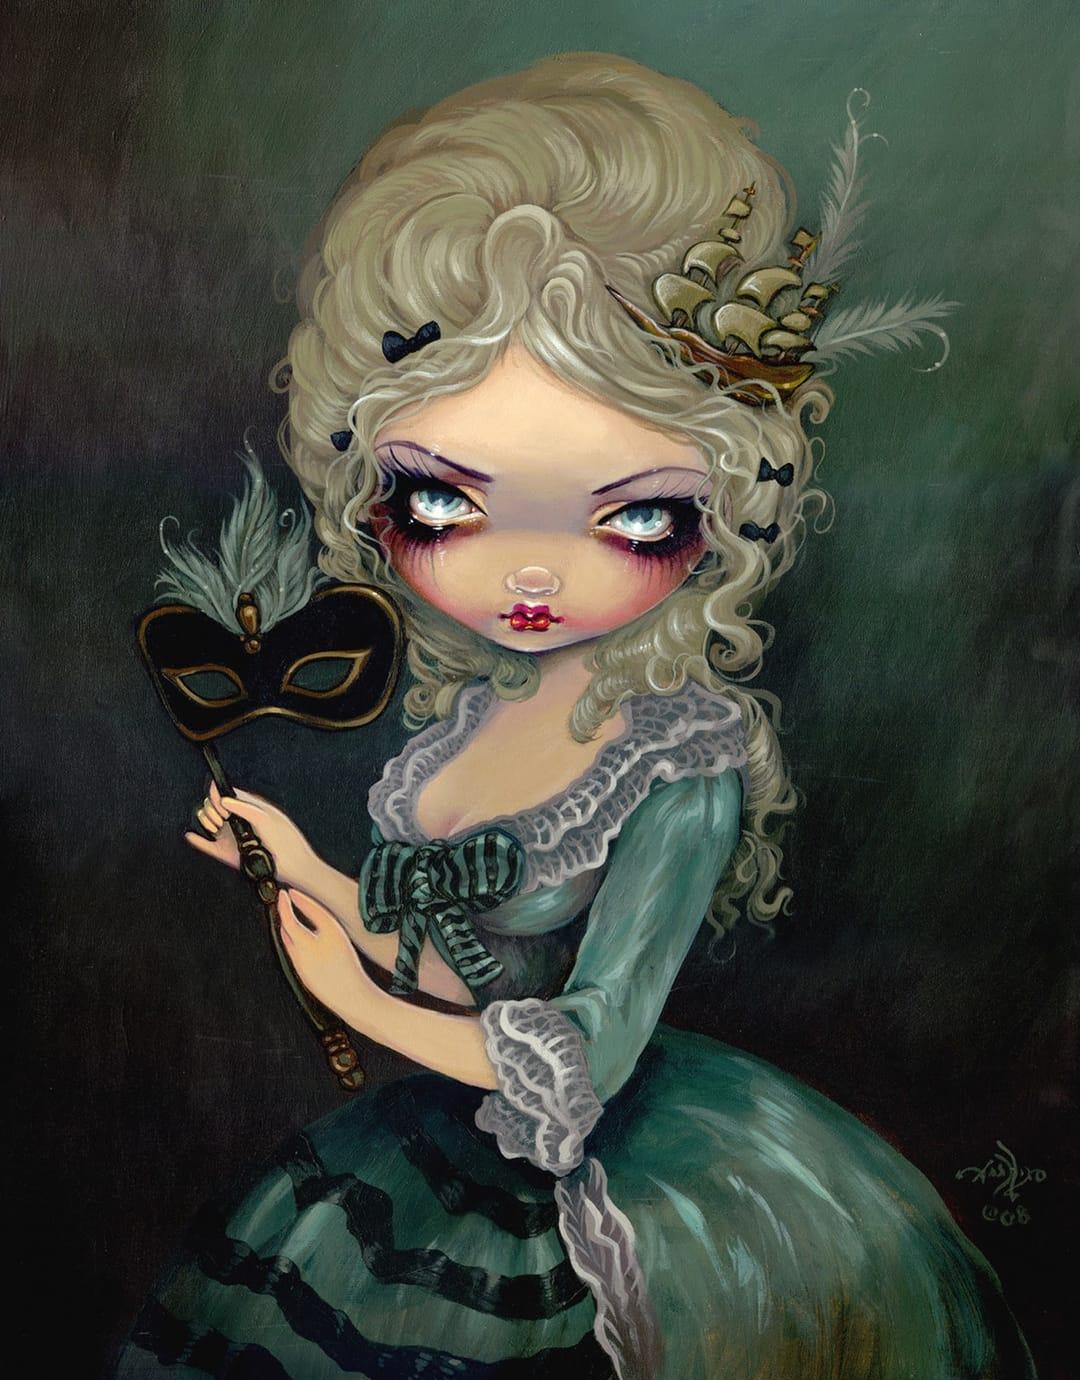 Marie Antoinette style doll.